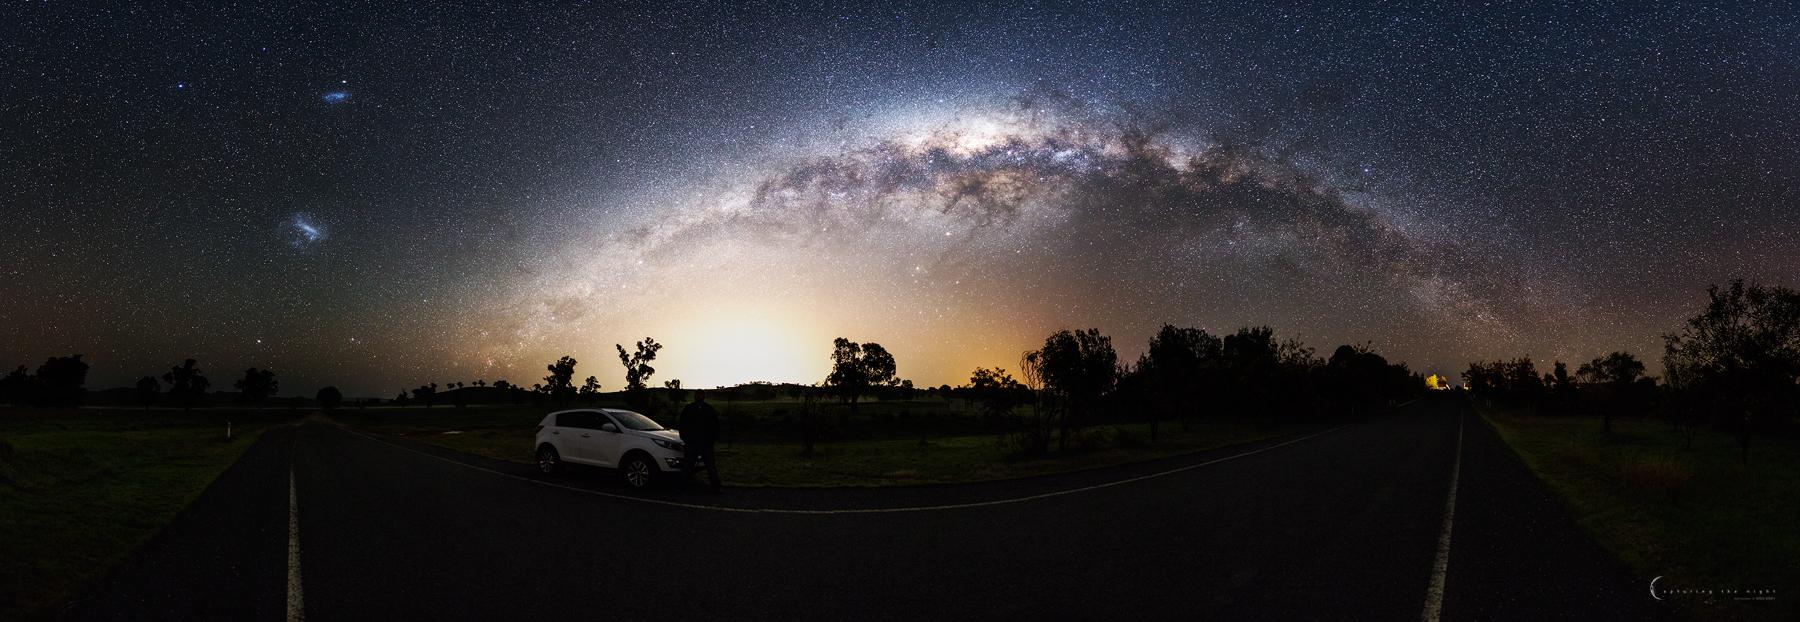 Destination Unknown by CapturingTheNight